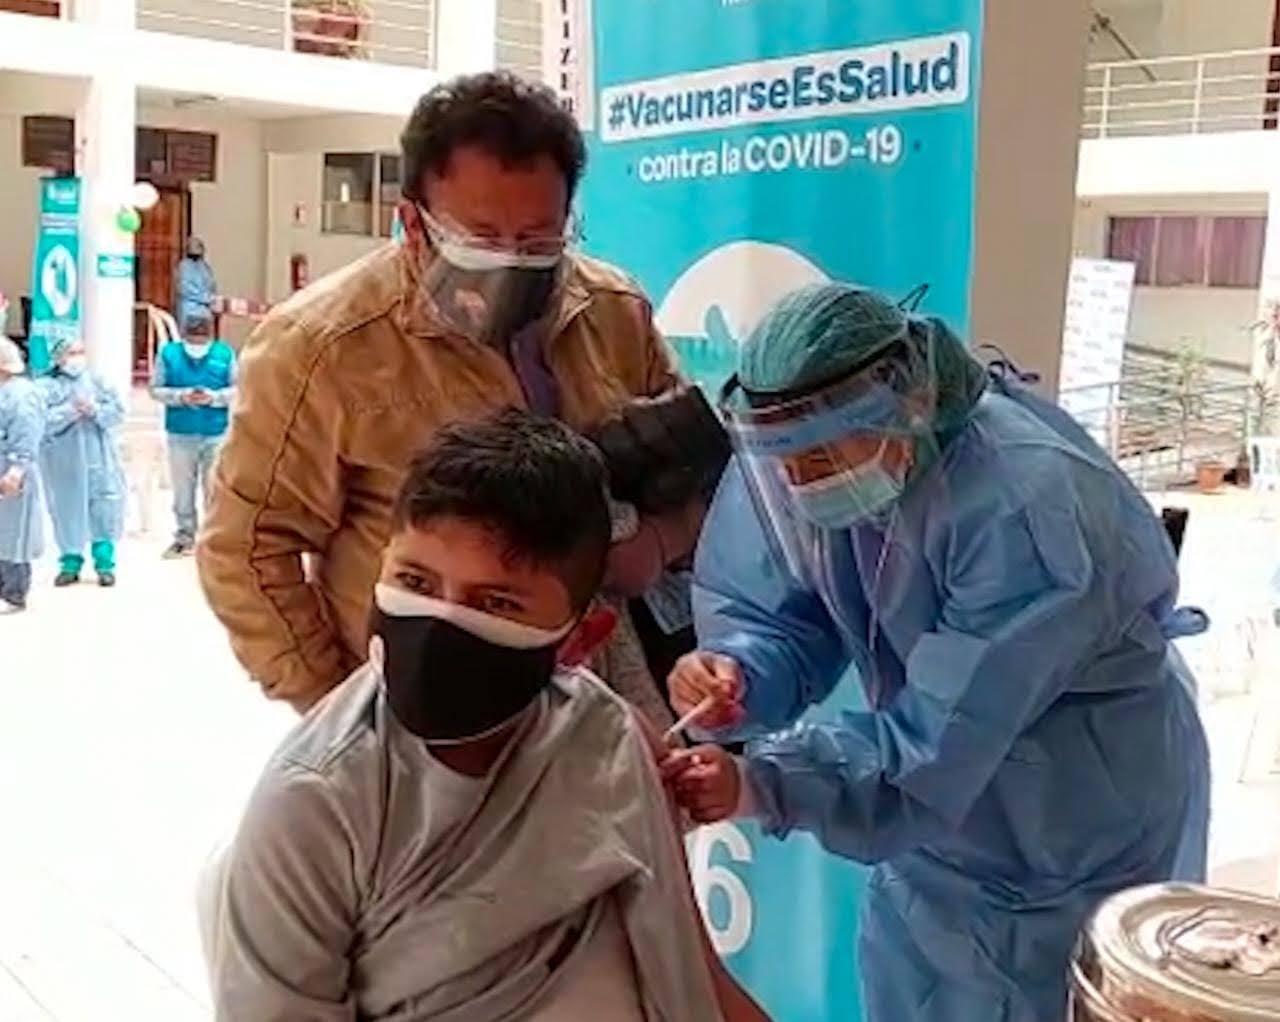 Essalud - EsSalud inició vacunación contra la Covid-19 en beneficio de población de 12 a 17 años en Cusco